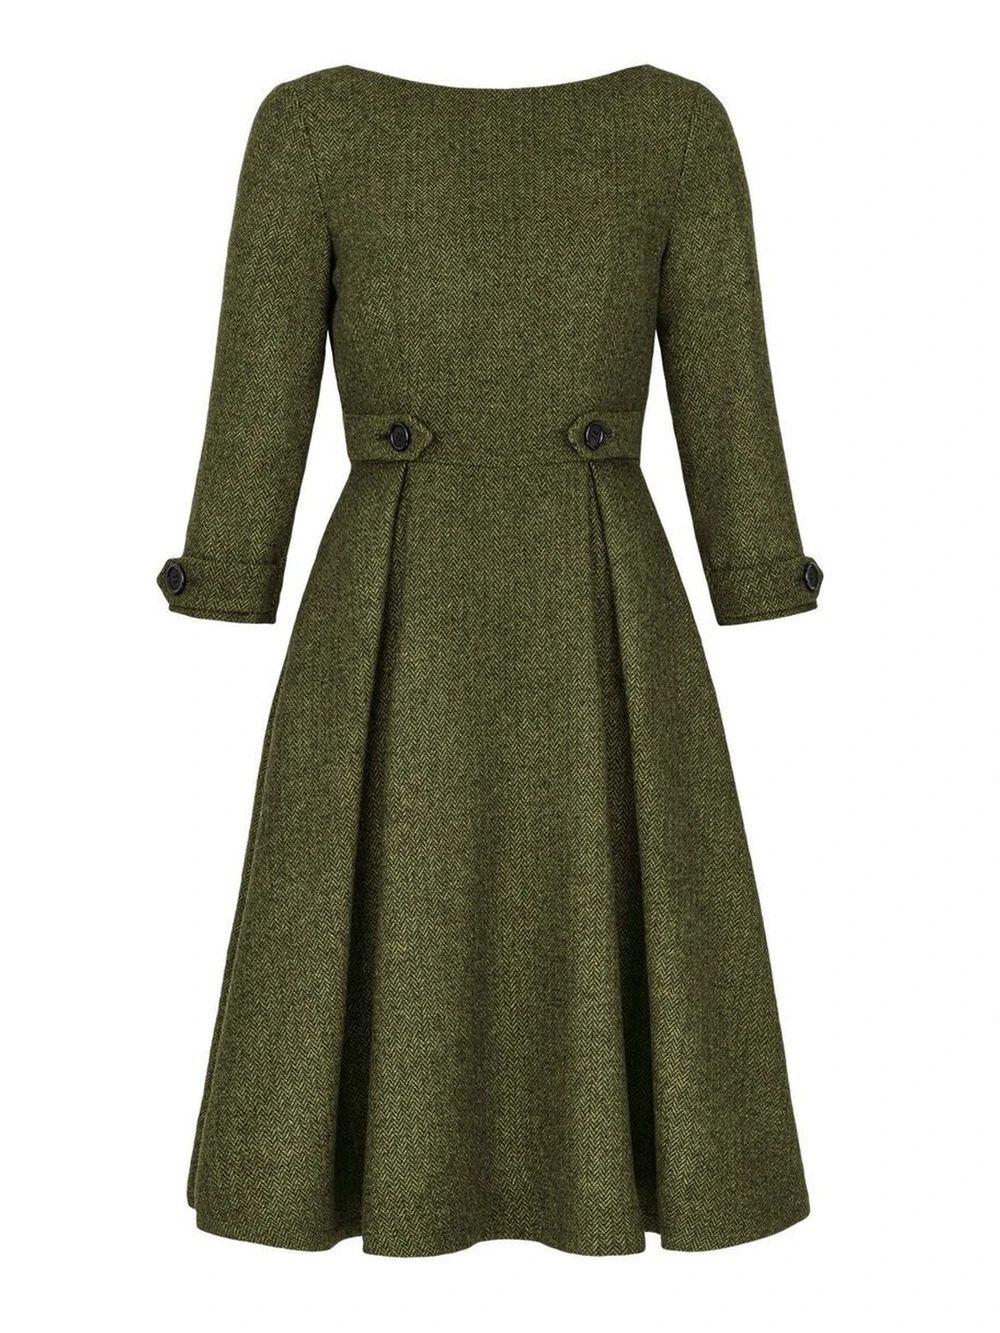 70 Best Vintage Dress Ideas For You Page 1 Of 18 Plain Dress Vintage Dresses Fashion [ 1333 x 1000 Pixel ]